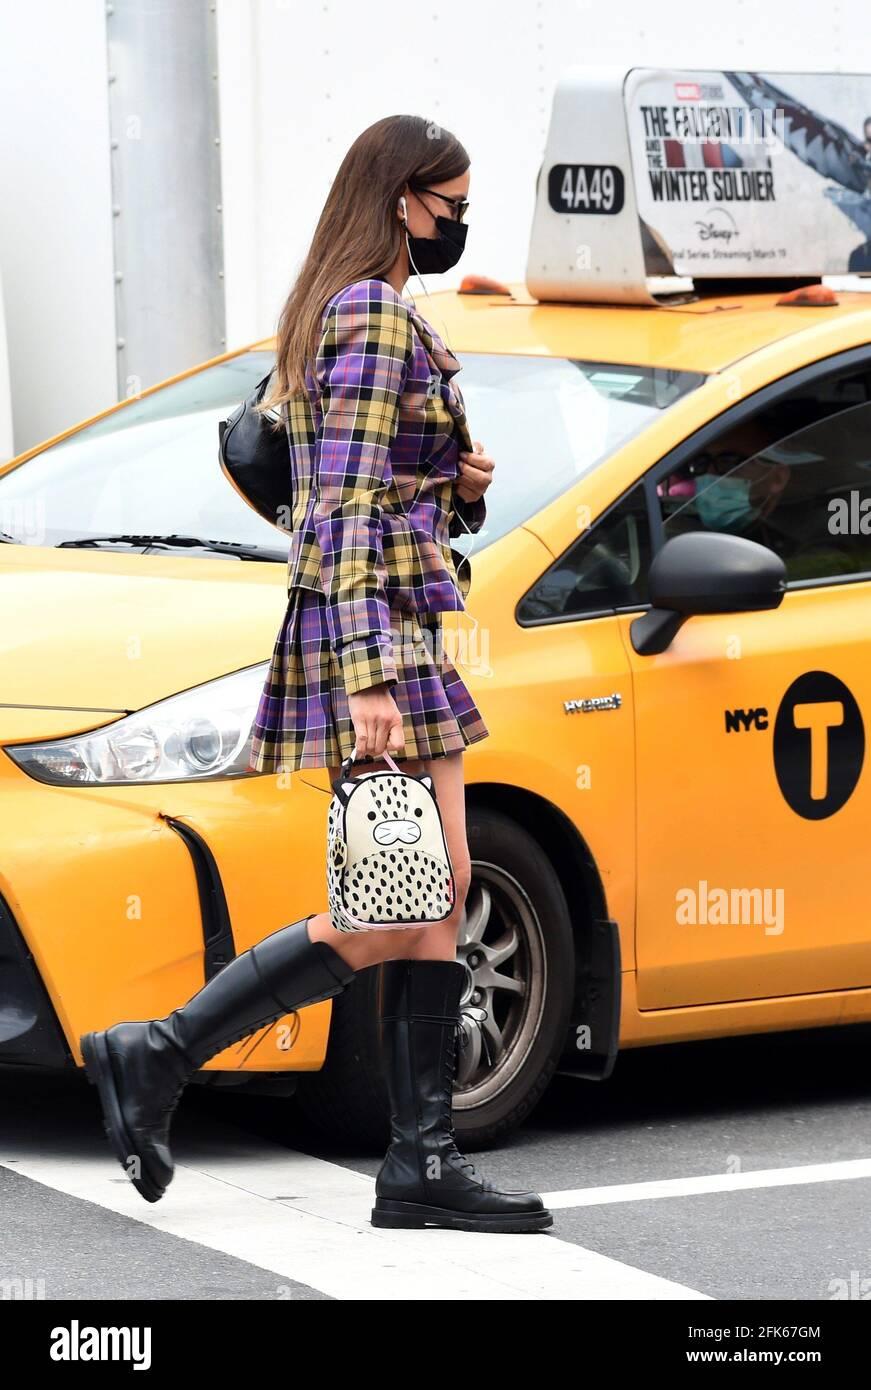 Nueva York, NY, EE.UU. 28th de Abr de 2021. Irina Shayk por Candidades de Celebridad - MIÉ, Nueva York, NY 28 de abril de 2021. Crédito: Kristin Callahan/Everett Collection/Alamy Live News Foto de stock